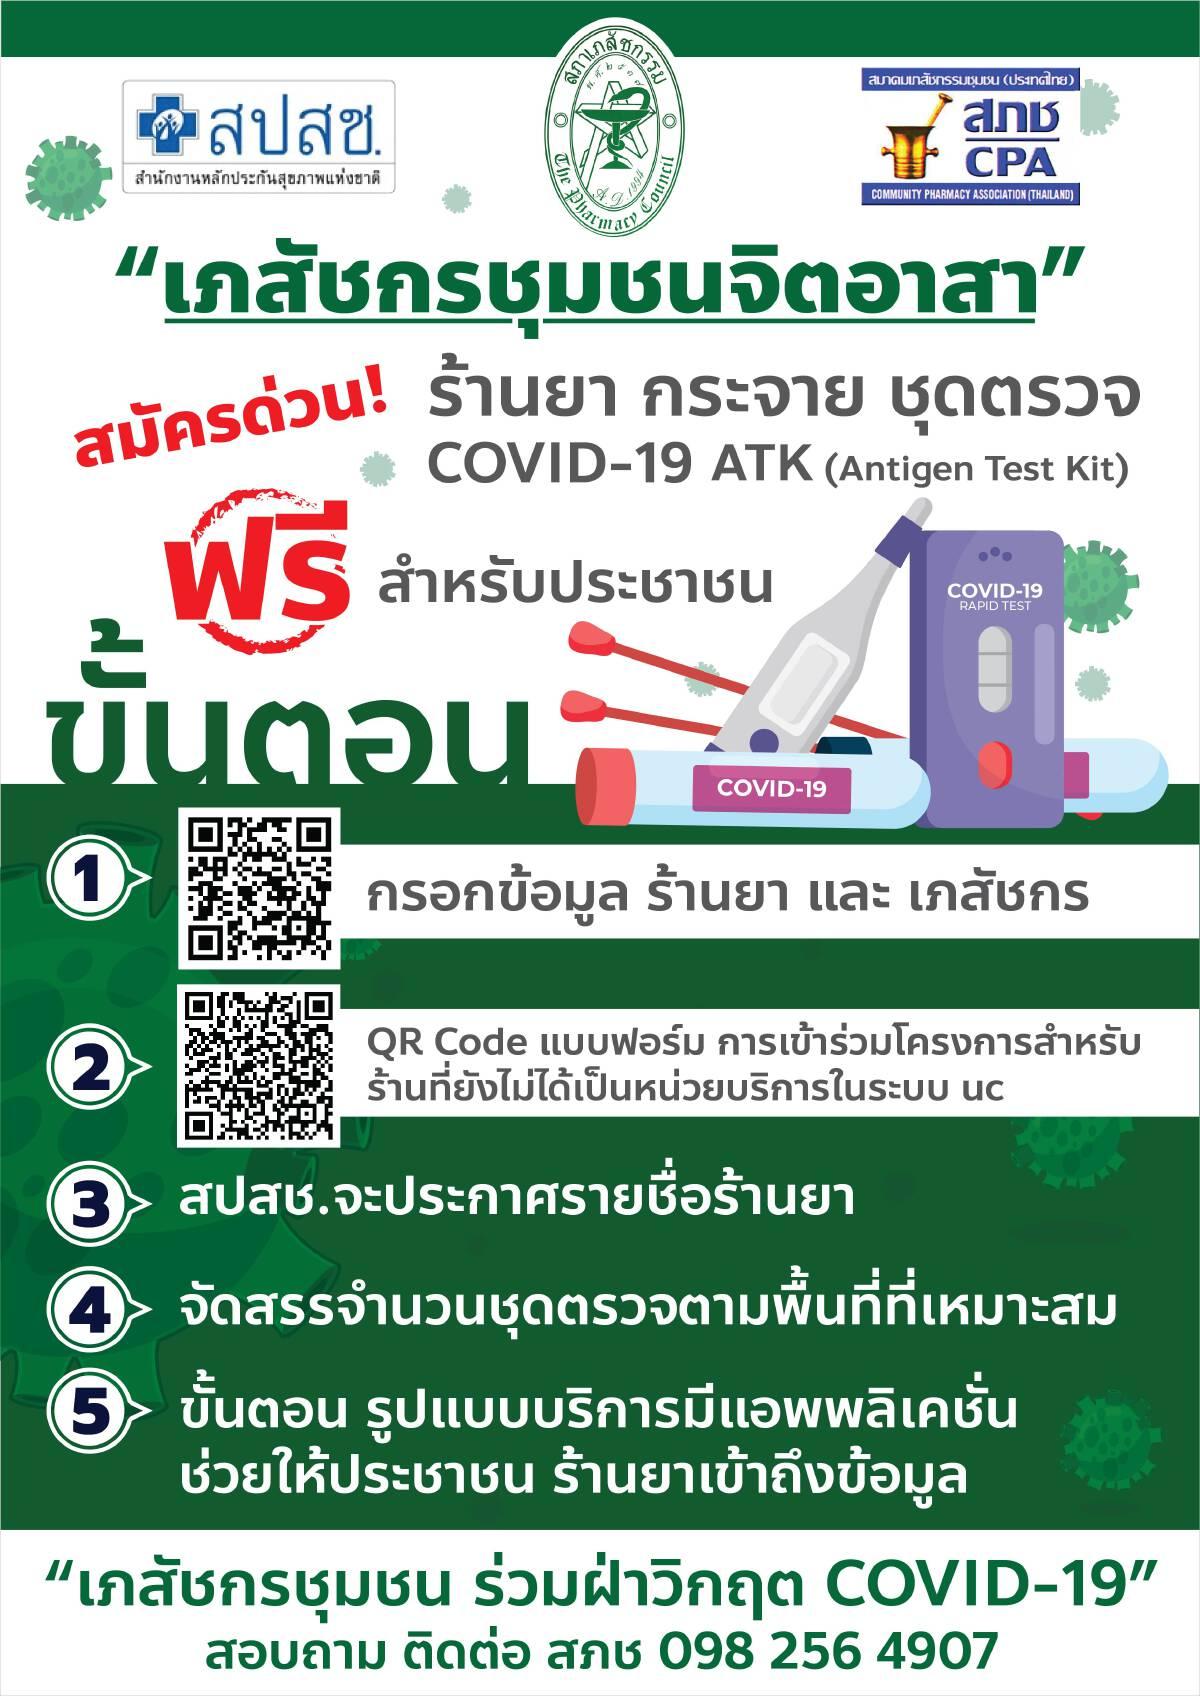 กระจาย ATK ให้ประชาชนกลุ่มเสี่ยงกลางเดือน ก.ย.นี้ ยืนยันผ่านแอปฯ เป๋าตัง